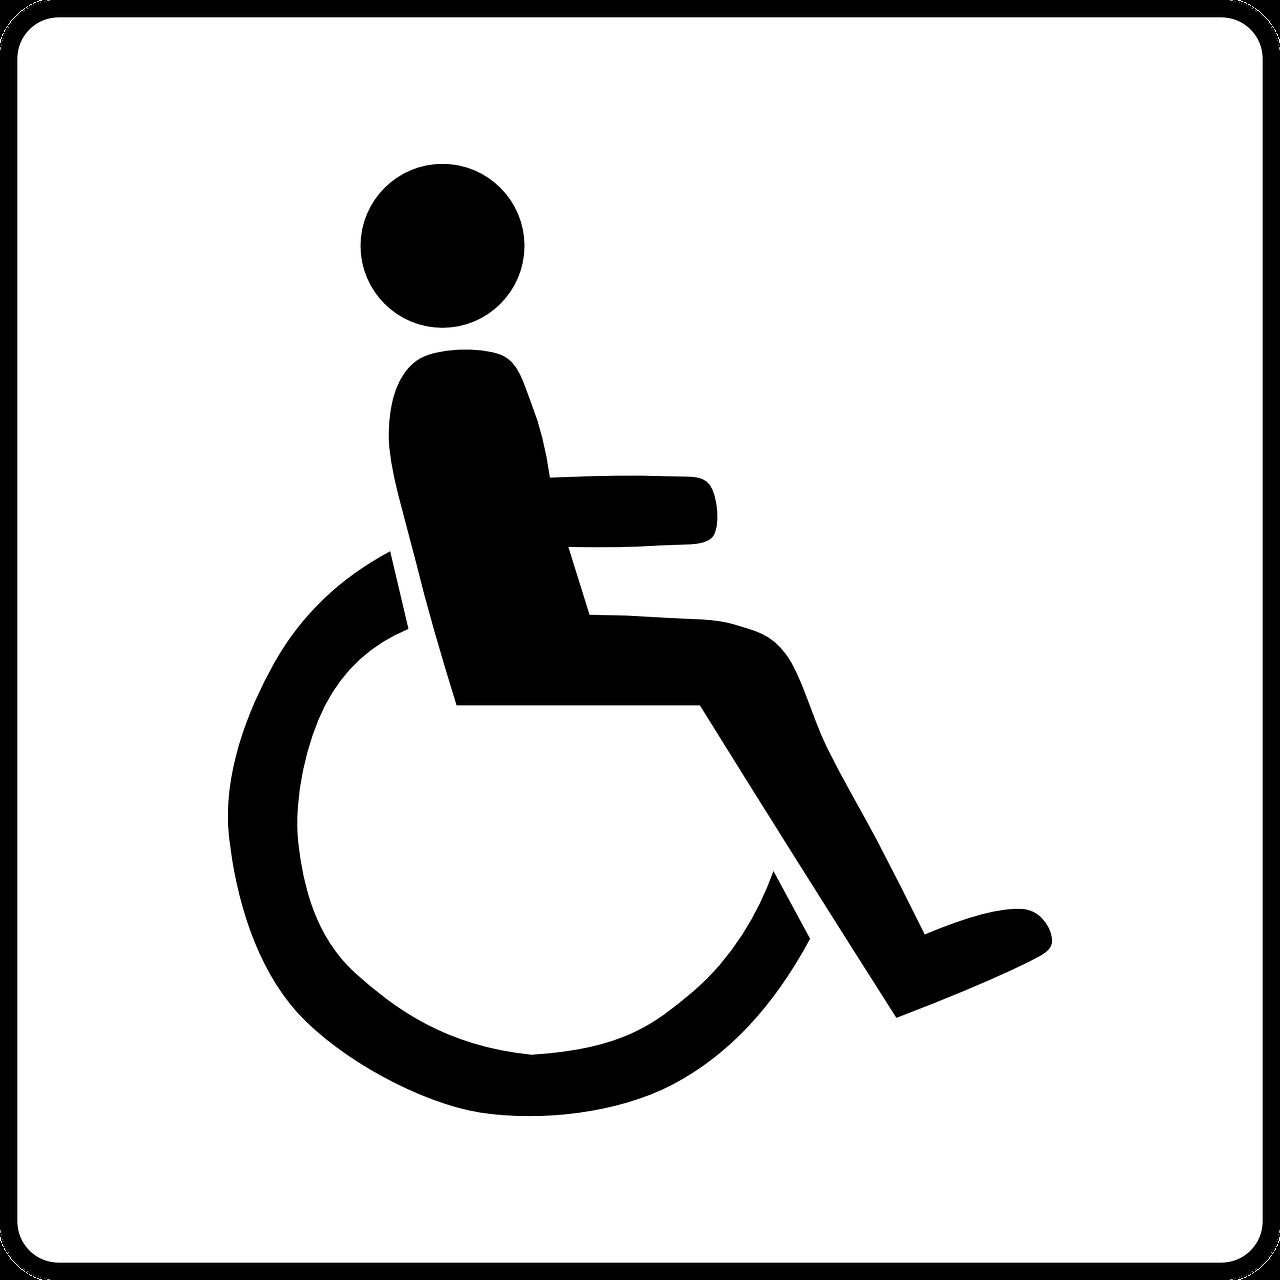 Spoorzicht Activiteitencentrum Servicegroep Gemiva-SVG Groep beoordelingen instelling gehandicaptenzorg verstandelijk gehandicapten